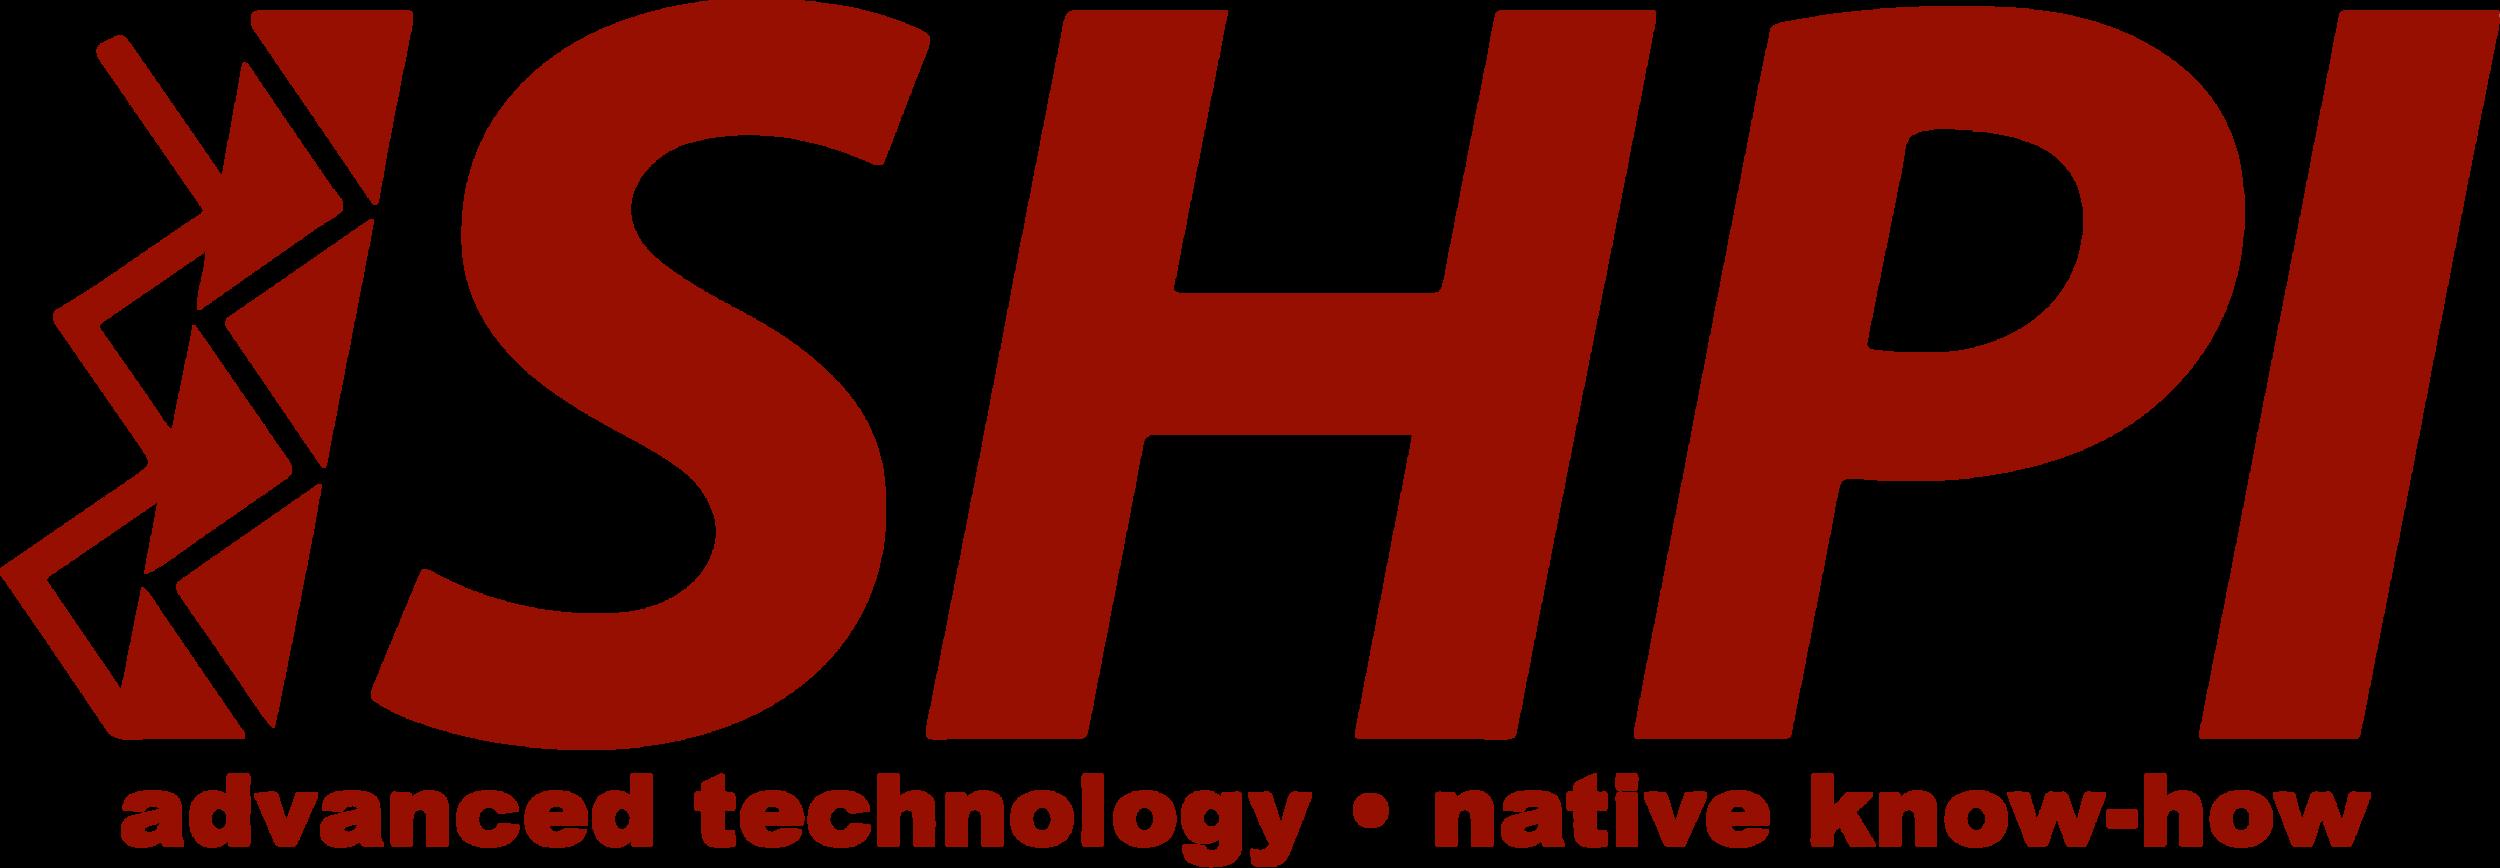 ISHPI-Meet the seniors social & happy hour.png